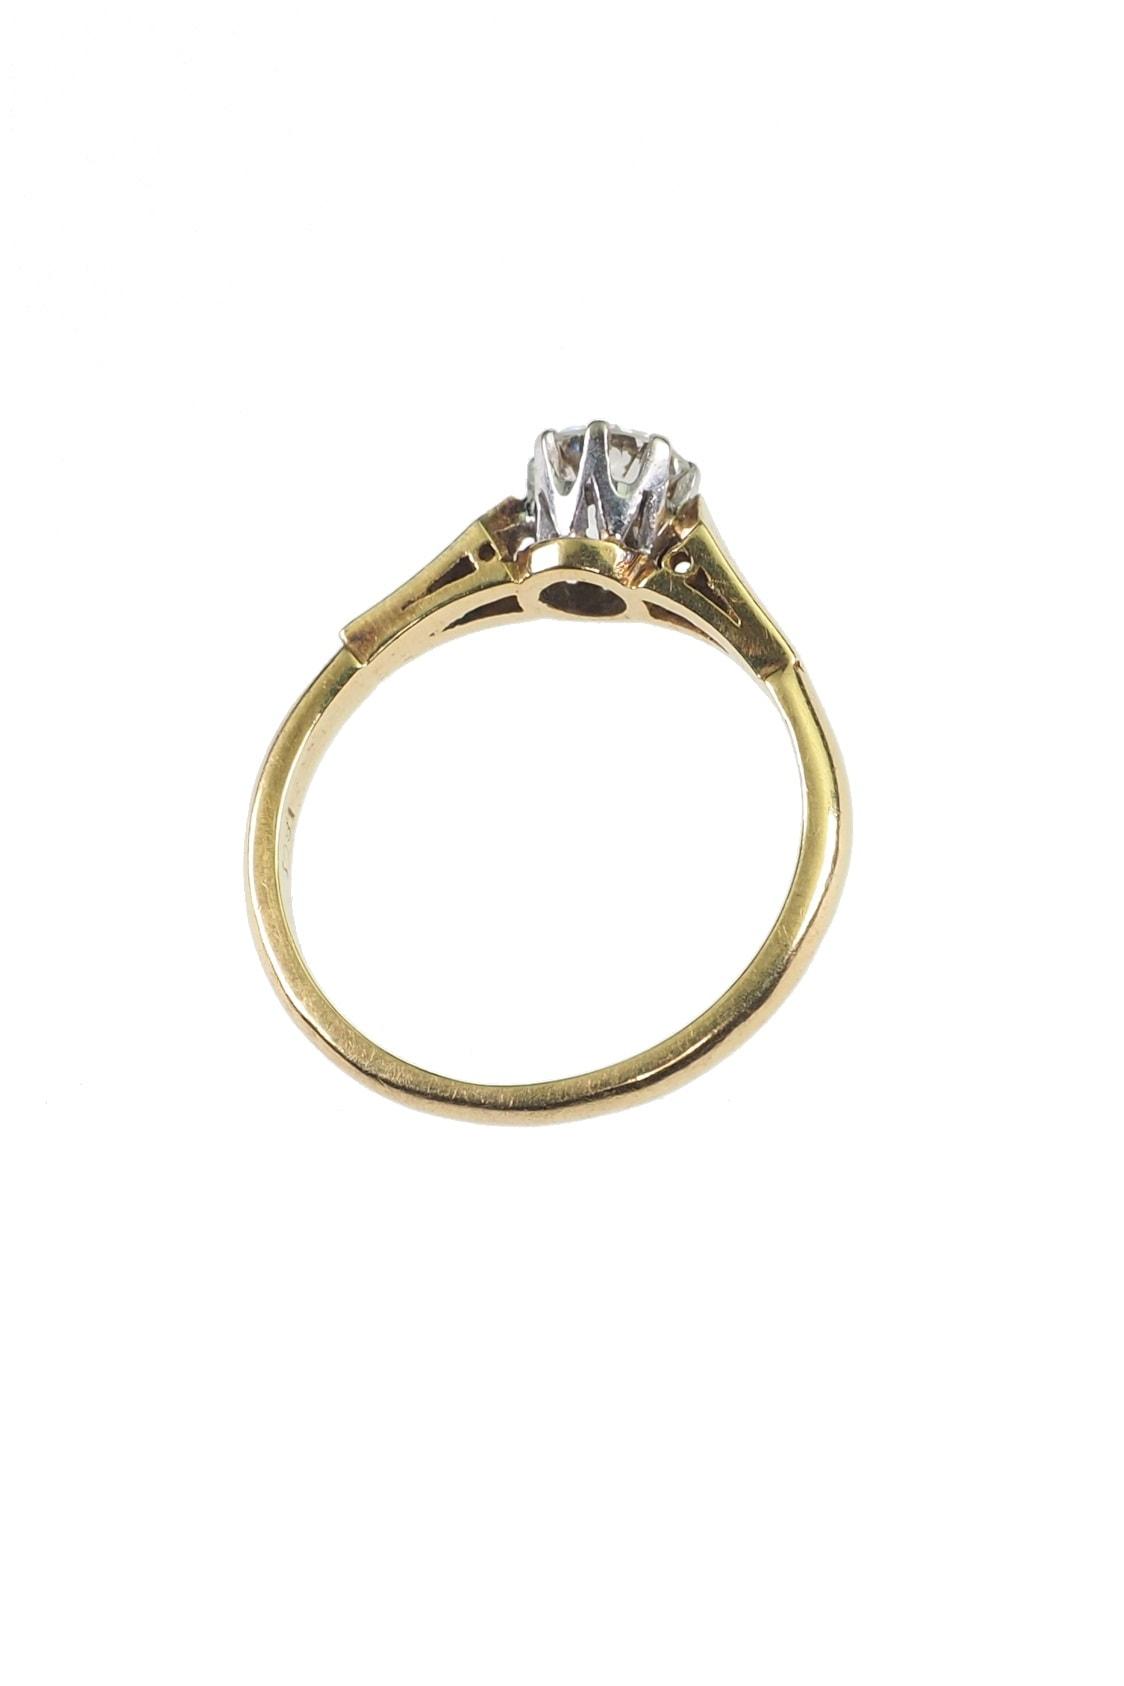 Verlobungsring-online-kaufen-2766c